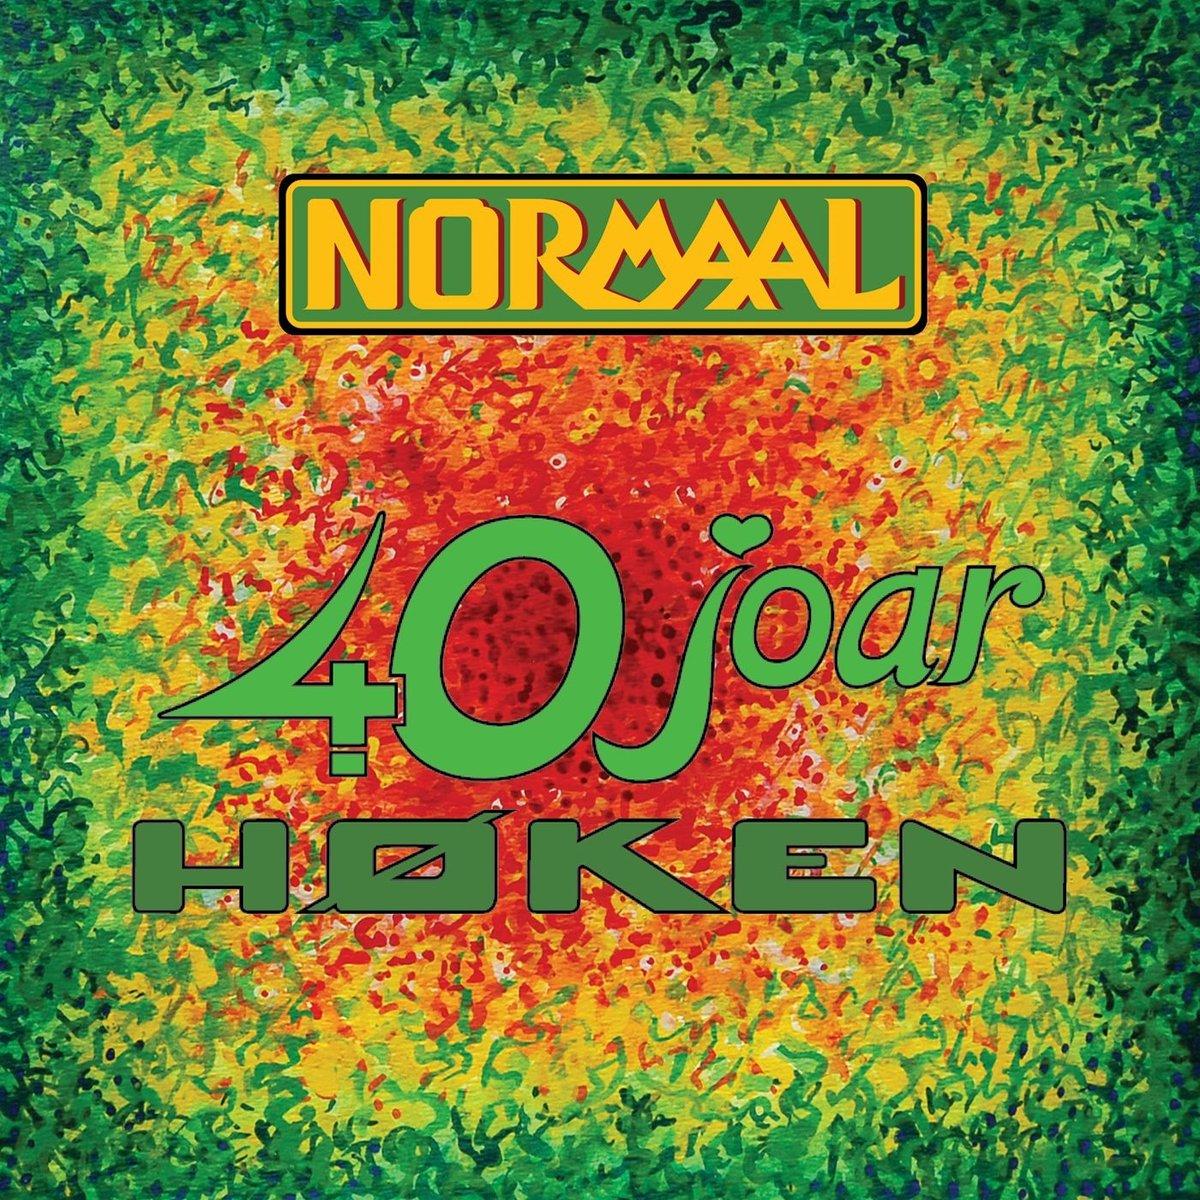 Normaal 40 Jaar